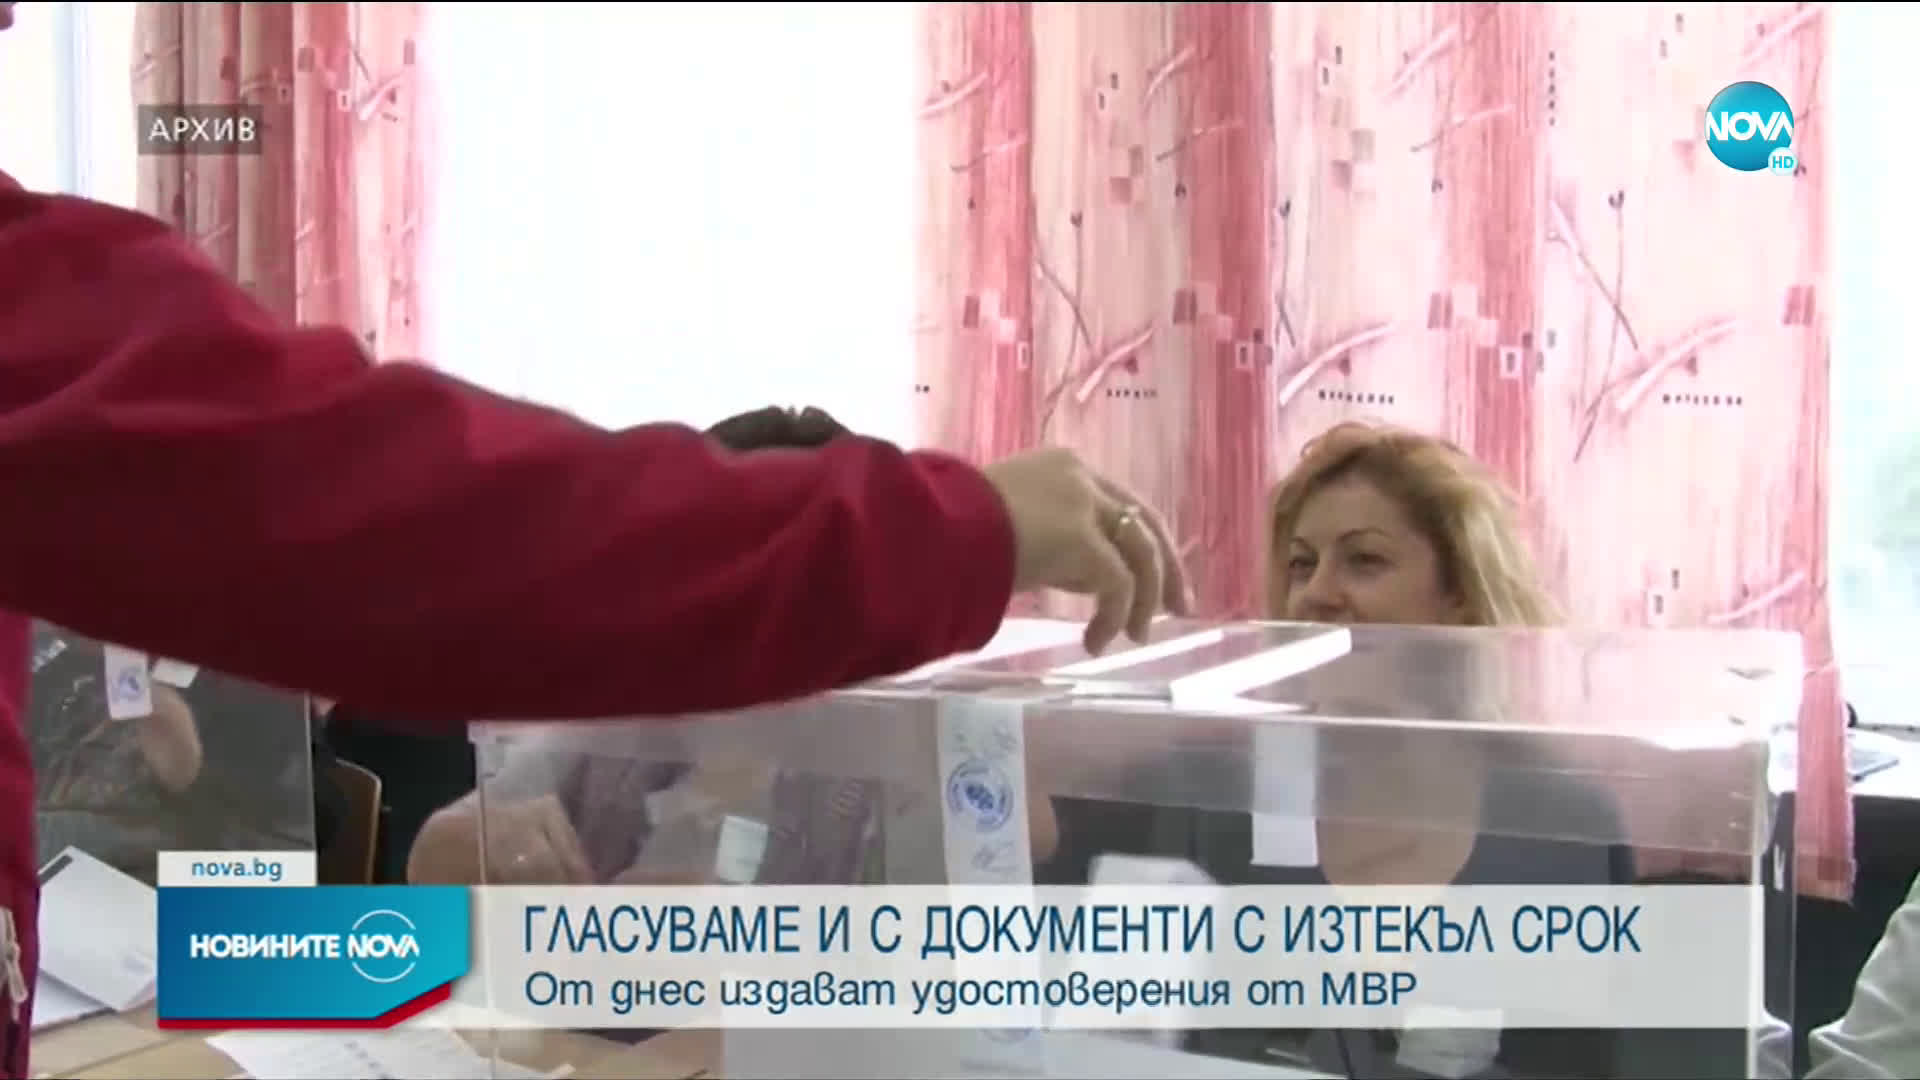 От днес издават удостоверения за гласуване с документи с изтекъл срок